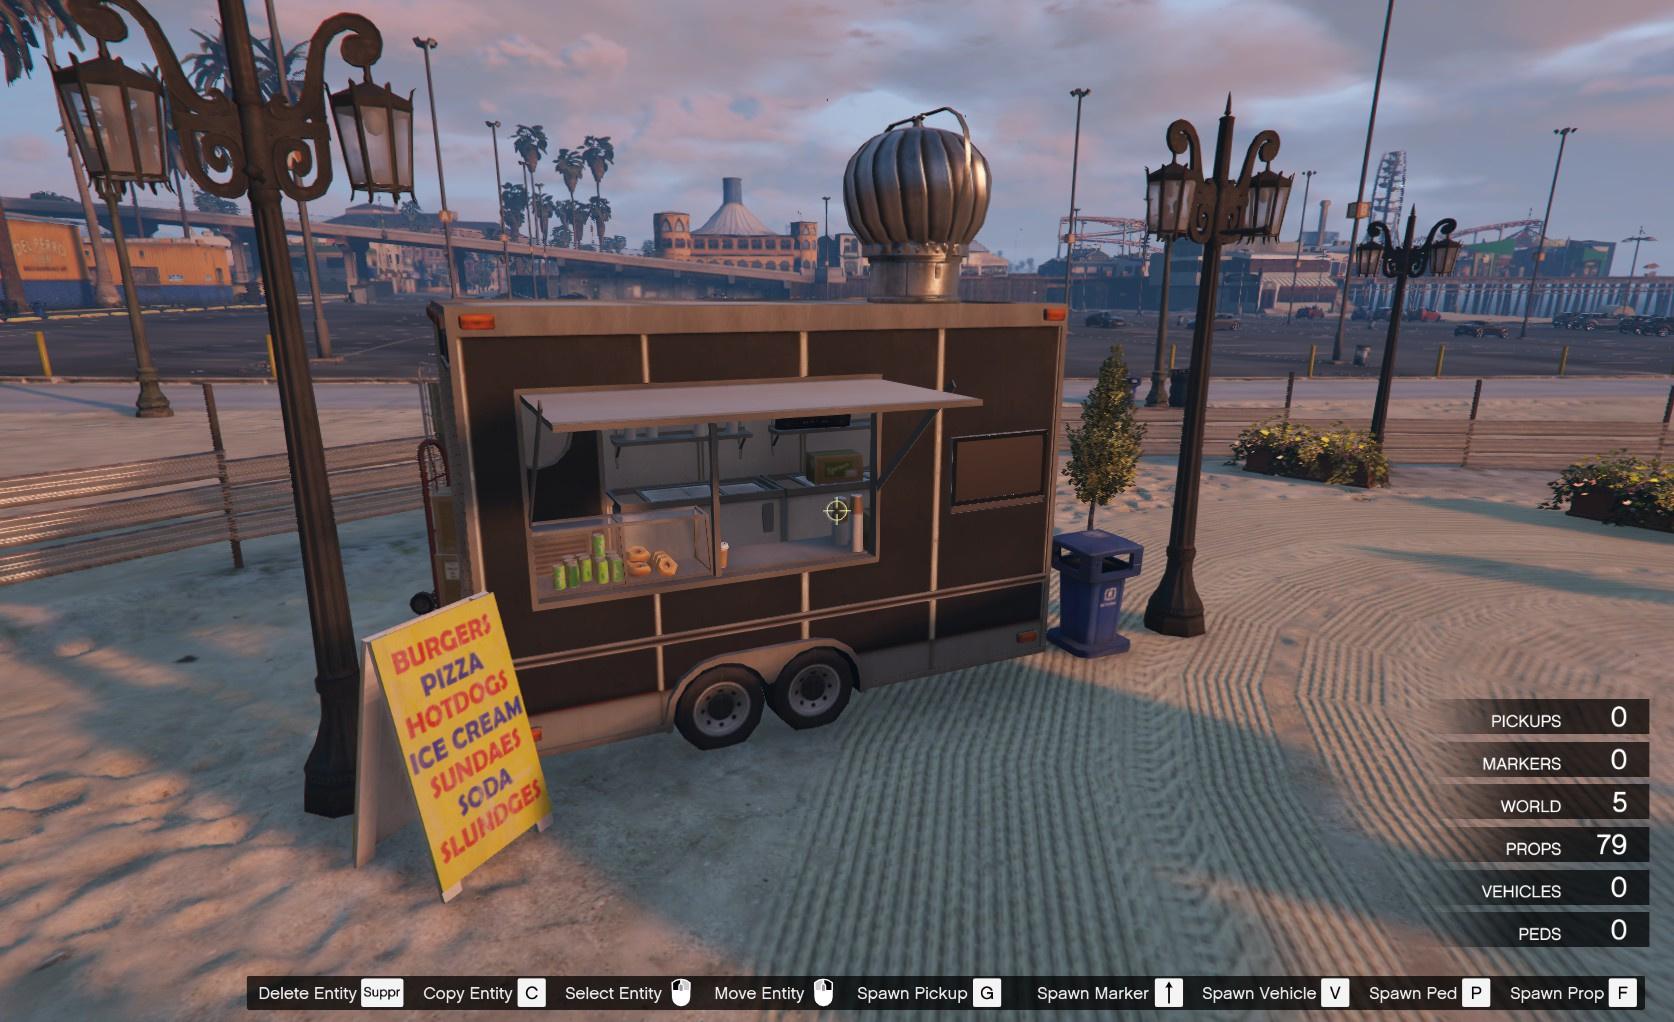 Simple Food Beach [Map Editor/ FiveM] - GTA5-Mods com